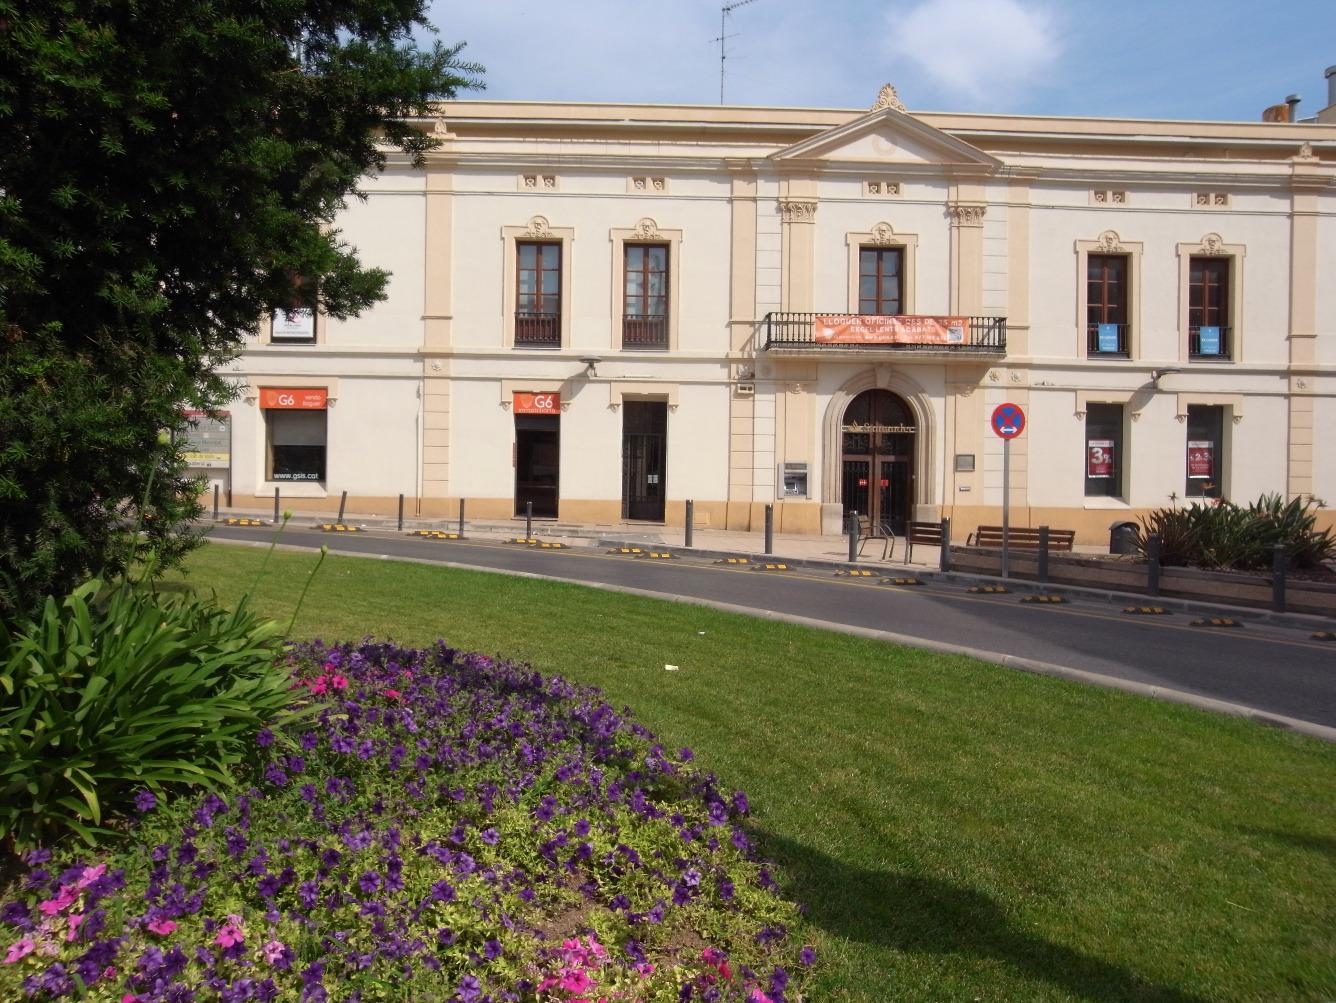 Lloguer Oficina  Plaza font de la manxa, 12. Al centro de Valls, muy bien situadas, nuevas, muy soleadas.